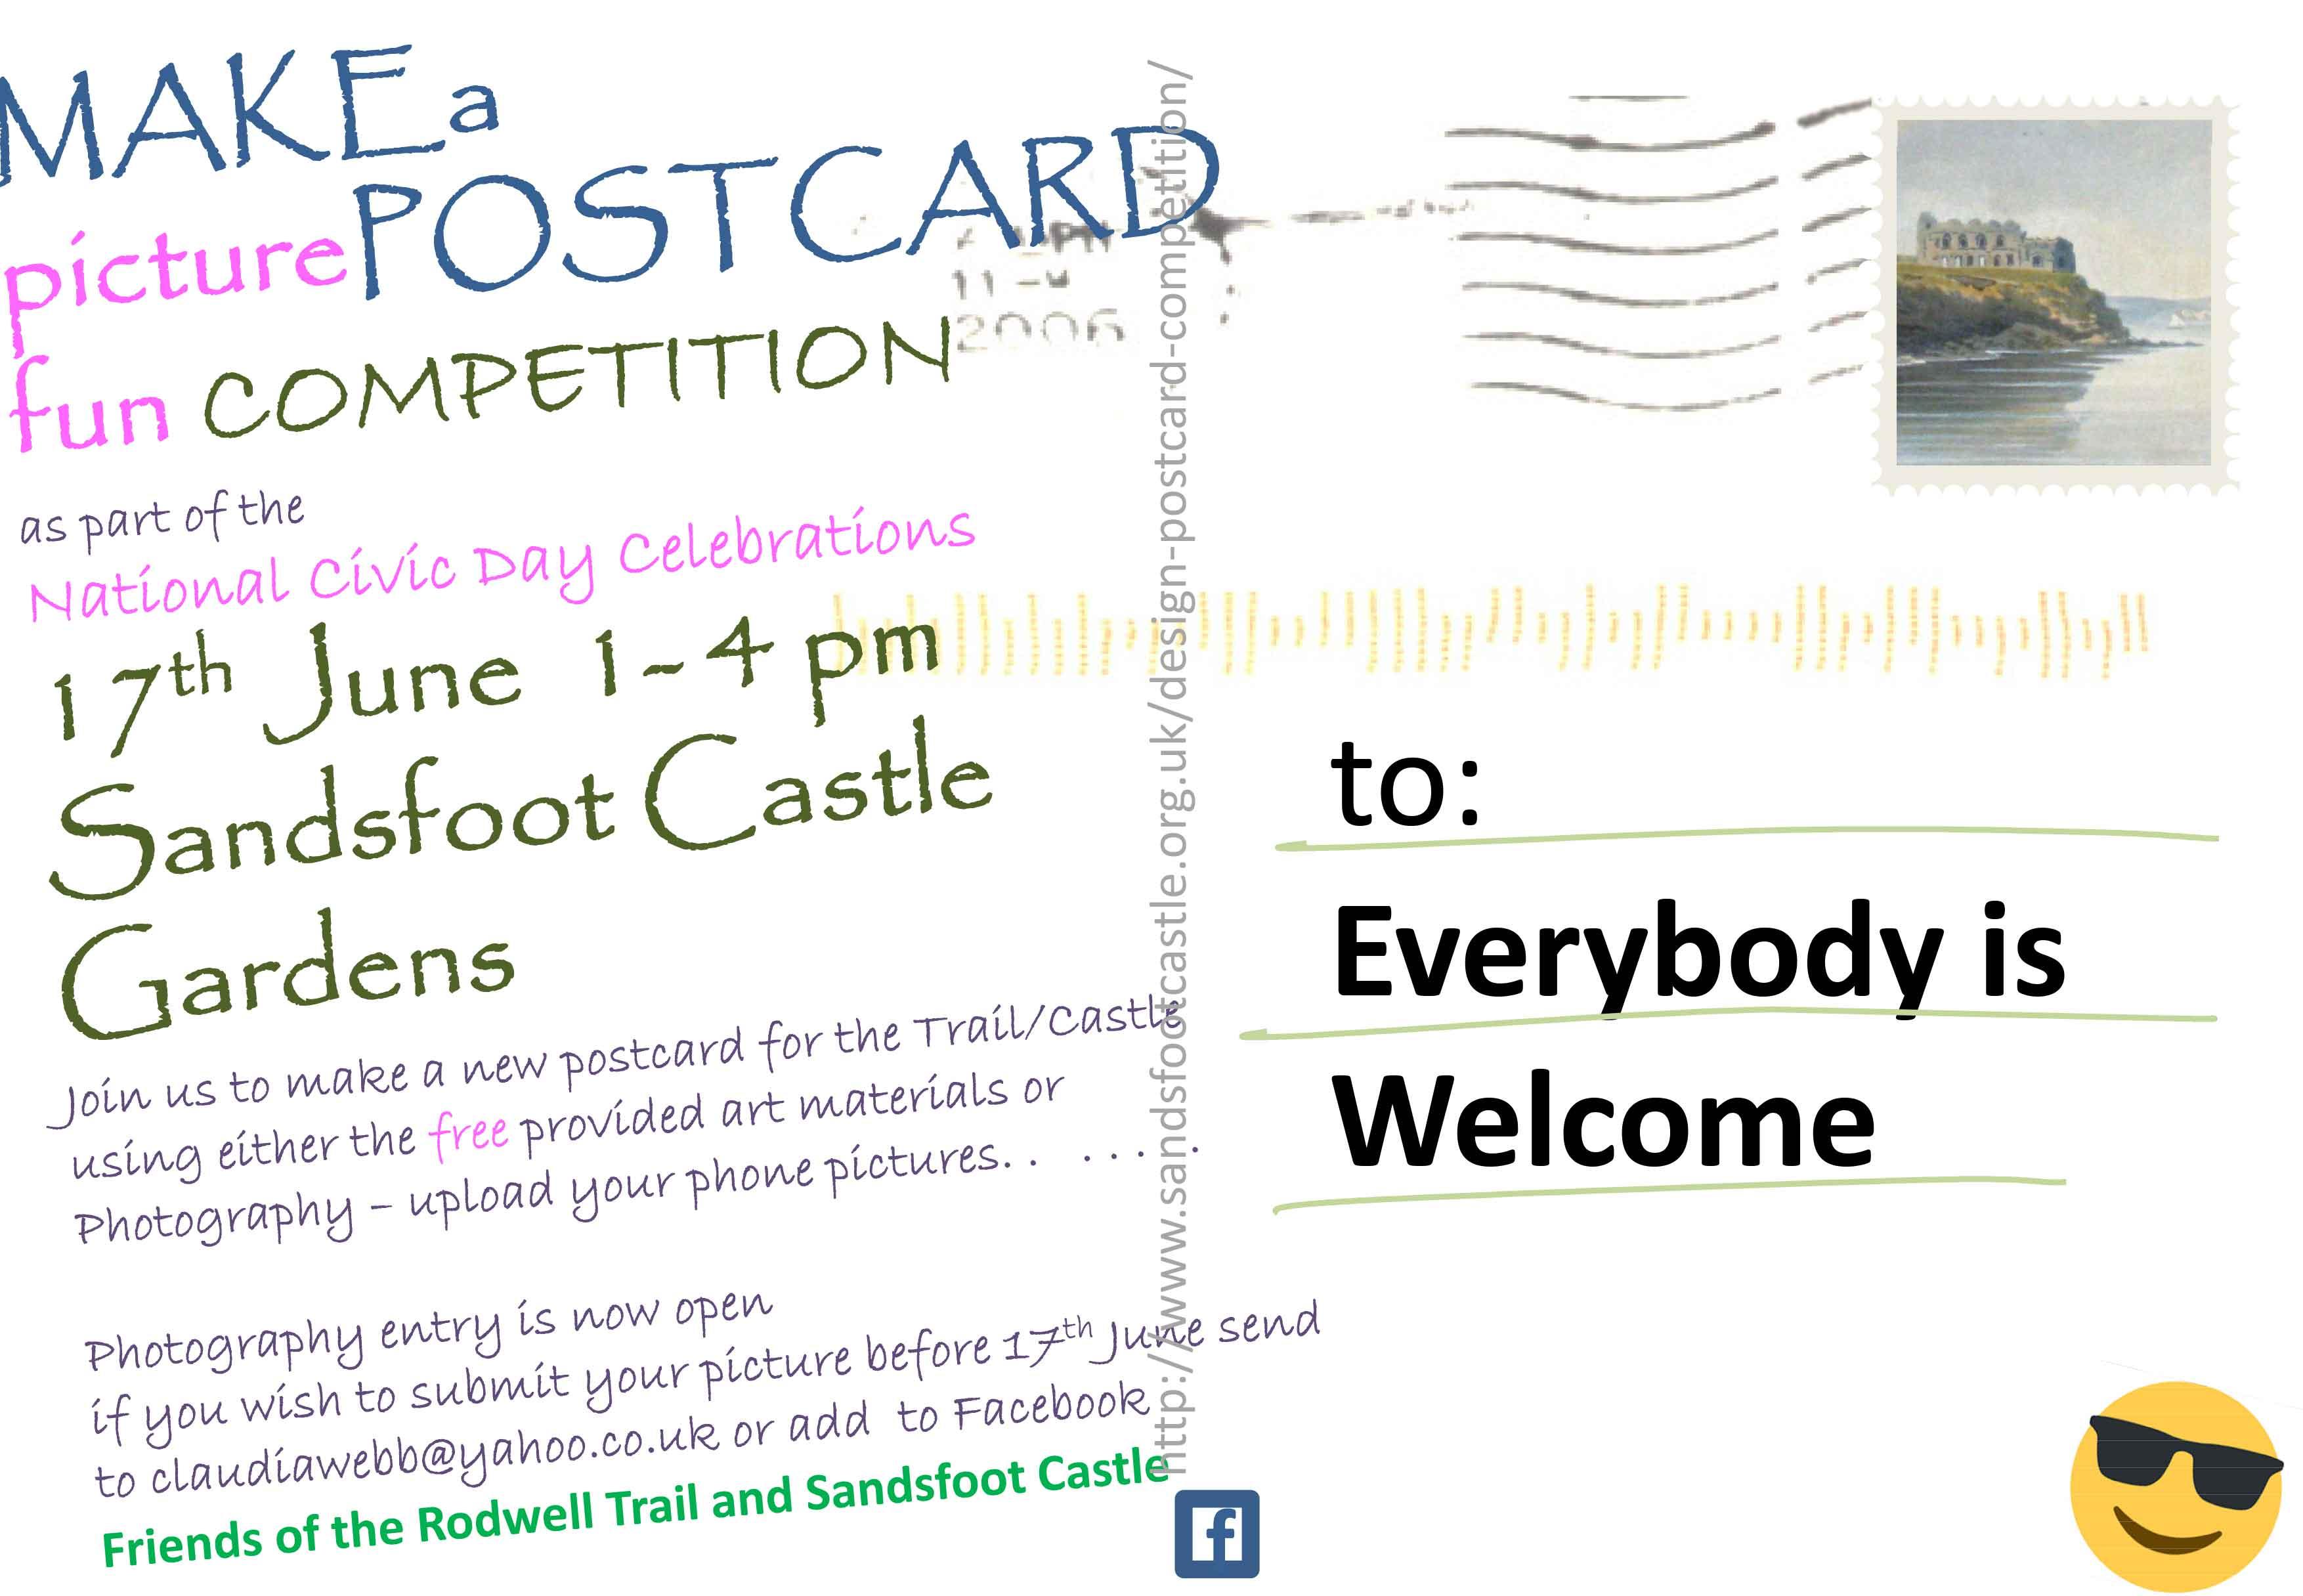 w-postCard-21.05.17